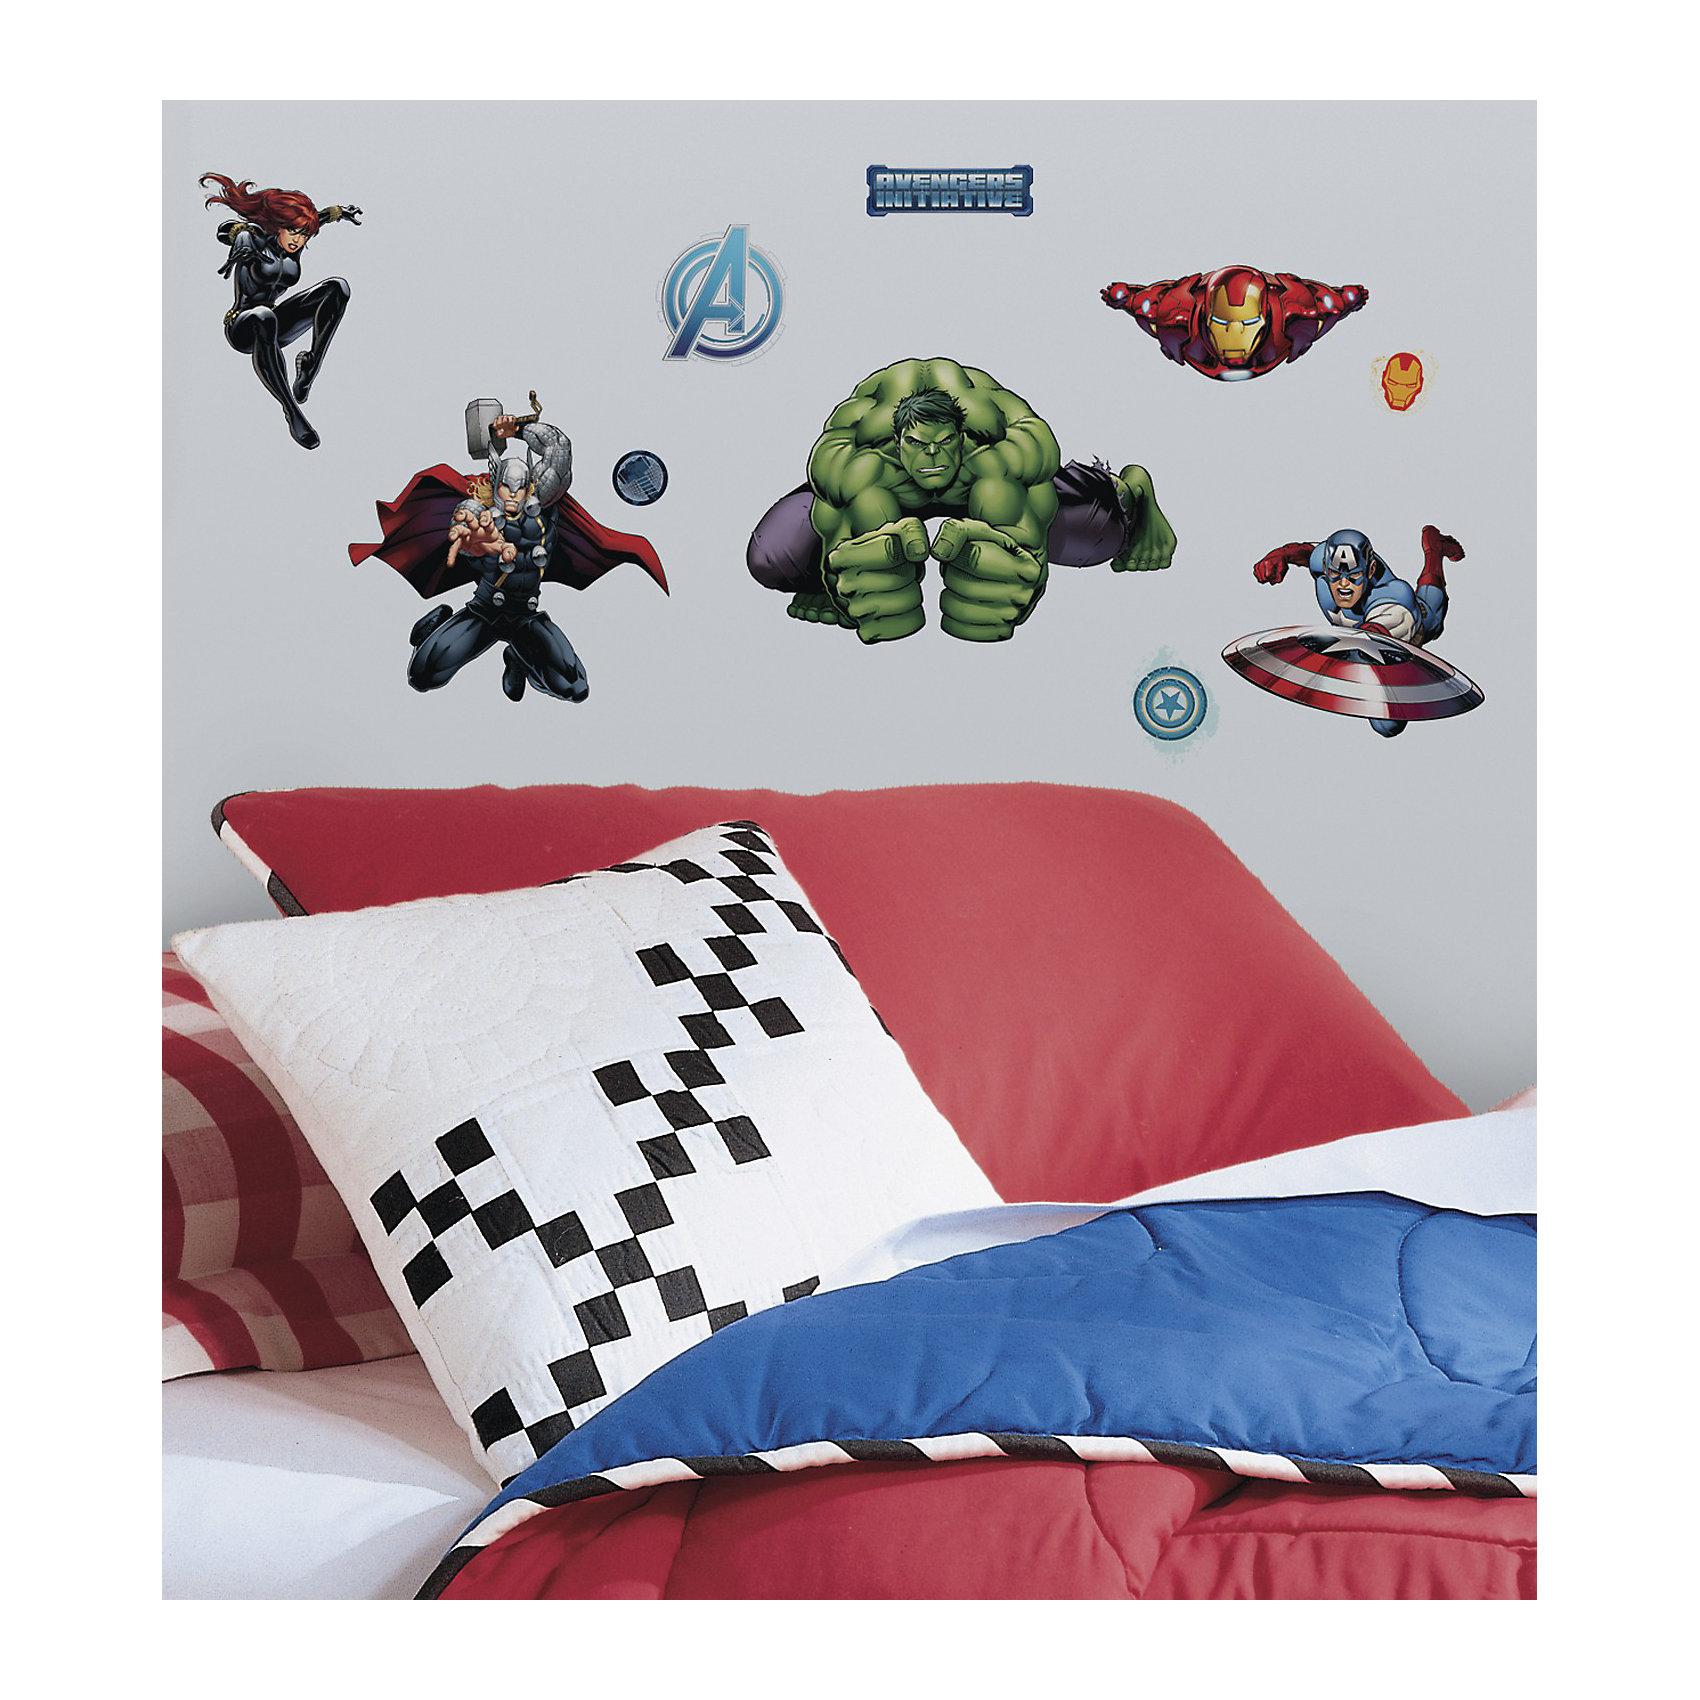 Наклейки для декора Мстители (персонажи)Наклейки для декора Мстители от знаменитого производителя RoomMates станут украшением вашей квартиры! Новый яркий набор наклеек для декора оценит каждый любитель классических комиксов от студии Марвел! Наклейки, входящие в набор, содержат изображения Капитана Америки, Железного Человека, Халка, Тора, Черной Вдовы и других героев знаменитых комиксов. Всего в наборе 28 стикеров. Наклейки не нужно вырезать - их следует просто отсоединить от защитного слоя и поместить на стену или любую другую плоскую гладкую поверхность. Наклейки многоразовые: их легко переклеивать и снимать со стены, они не оставляют липких следов на поверхности. В каждой индивидуальной упаковке Вы можете найти 4 листа с различными наклейками! Таким образом, покупая наклейки фирмы RoomMates, Вы получаете гораздо больший ассортимент наклеек, имея возможность украсить ими различные поверхности в доме.<br><br>Ширина мм: 273<br>Глубина мм: 129<br>Высота мм: 27<br>Вес г: 165<br>Возраст от месяцев: 48<br>Возраст до месяцев: 1164<br>Пол: Мужской<br>Возраст: Детский<br>SKU: 3901226